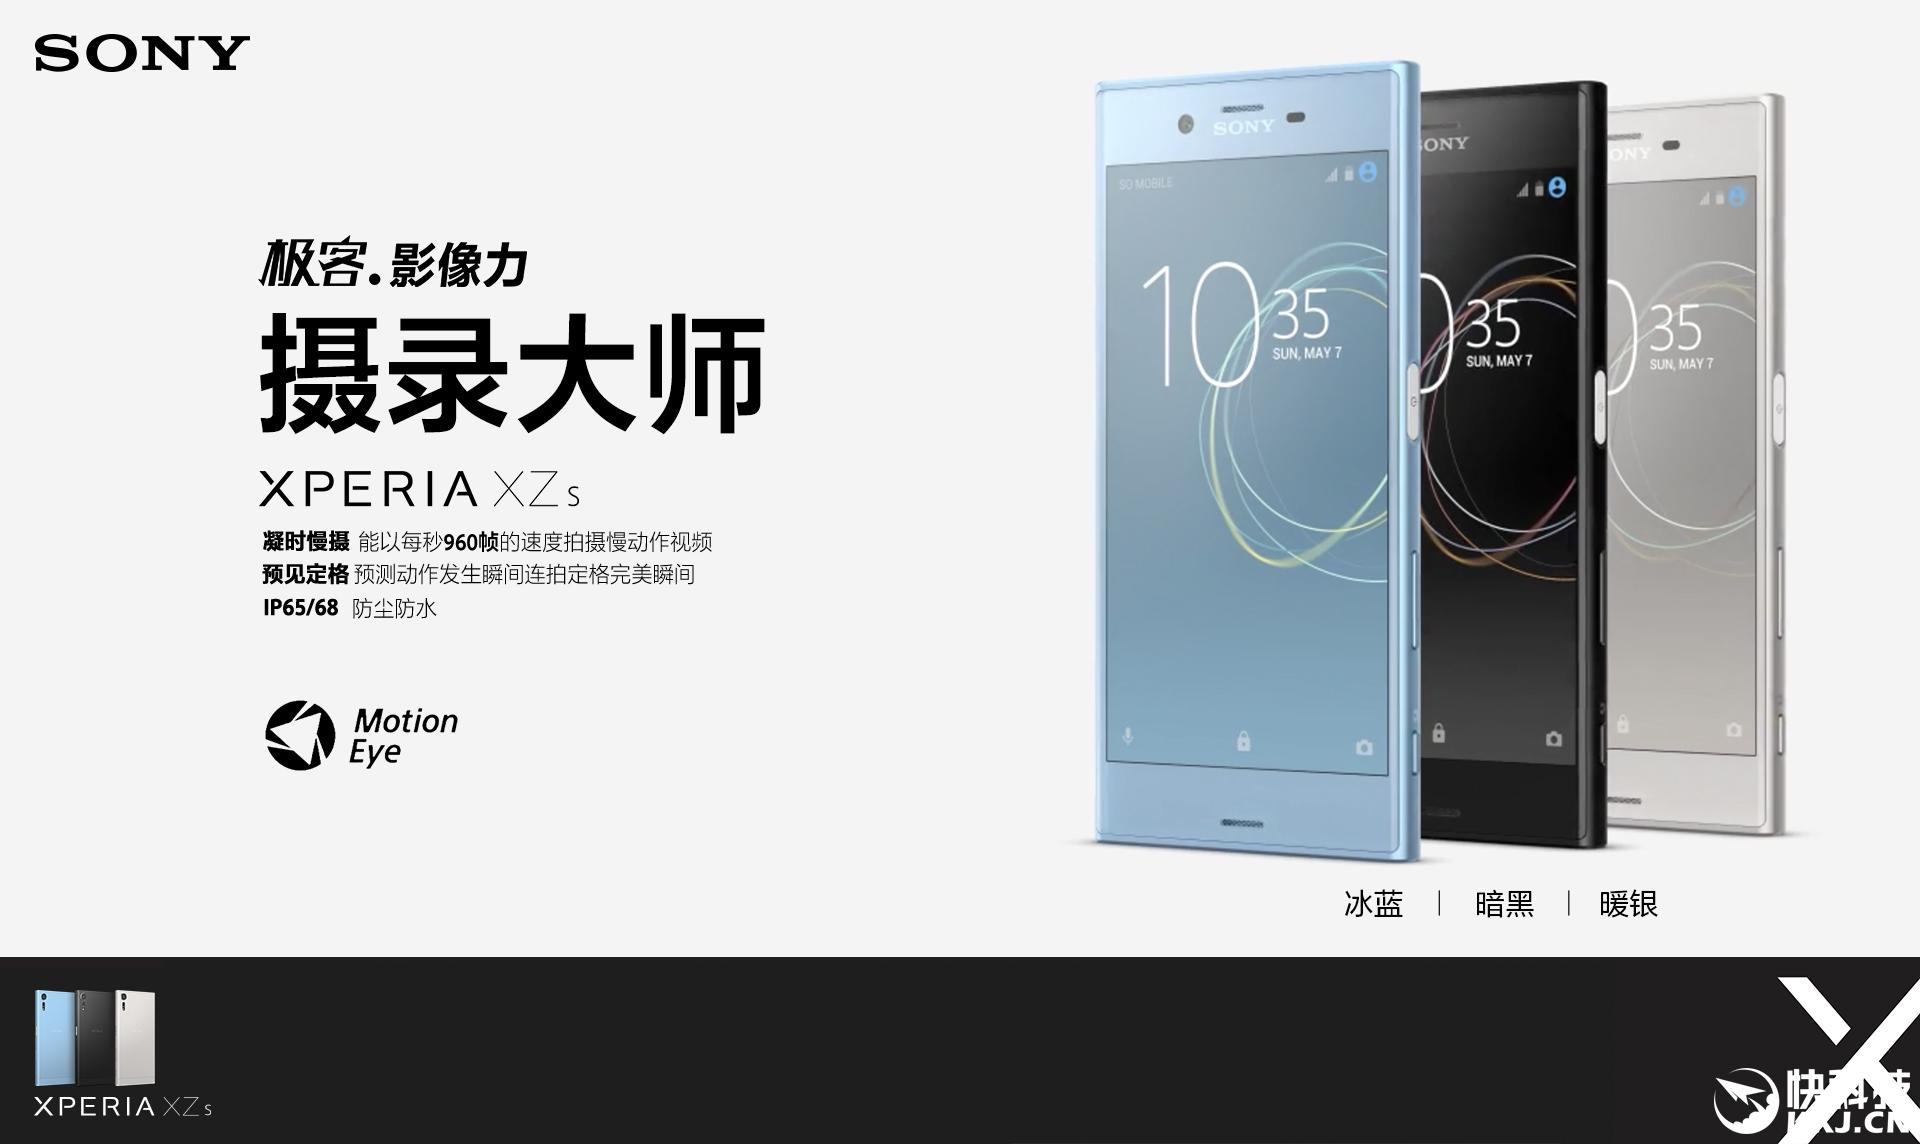 工业设计教科书!4699元索尼xzs中国发布:拍照逆天